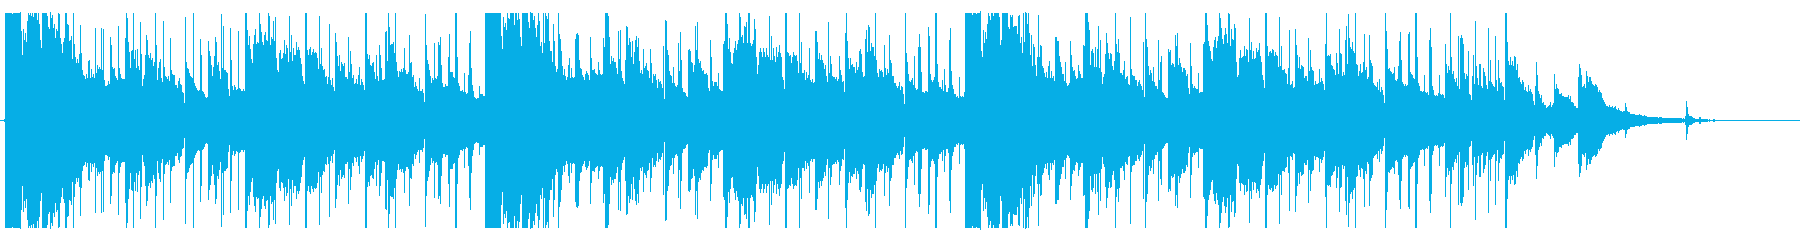 チル、ネオソウル、映像向けの再生済みの波形